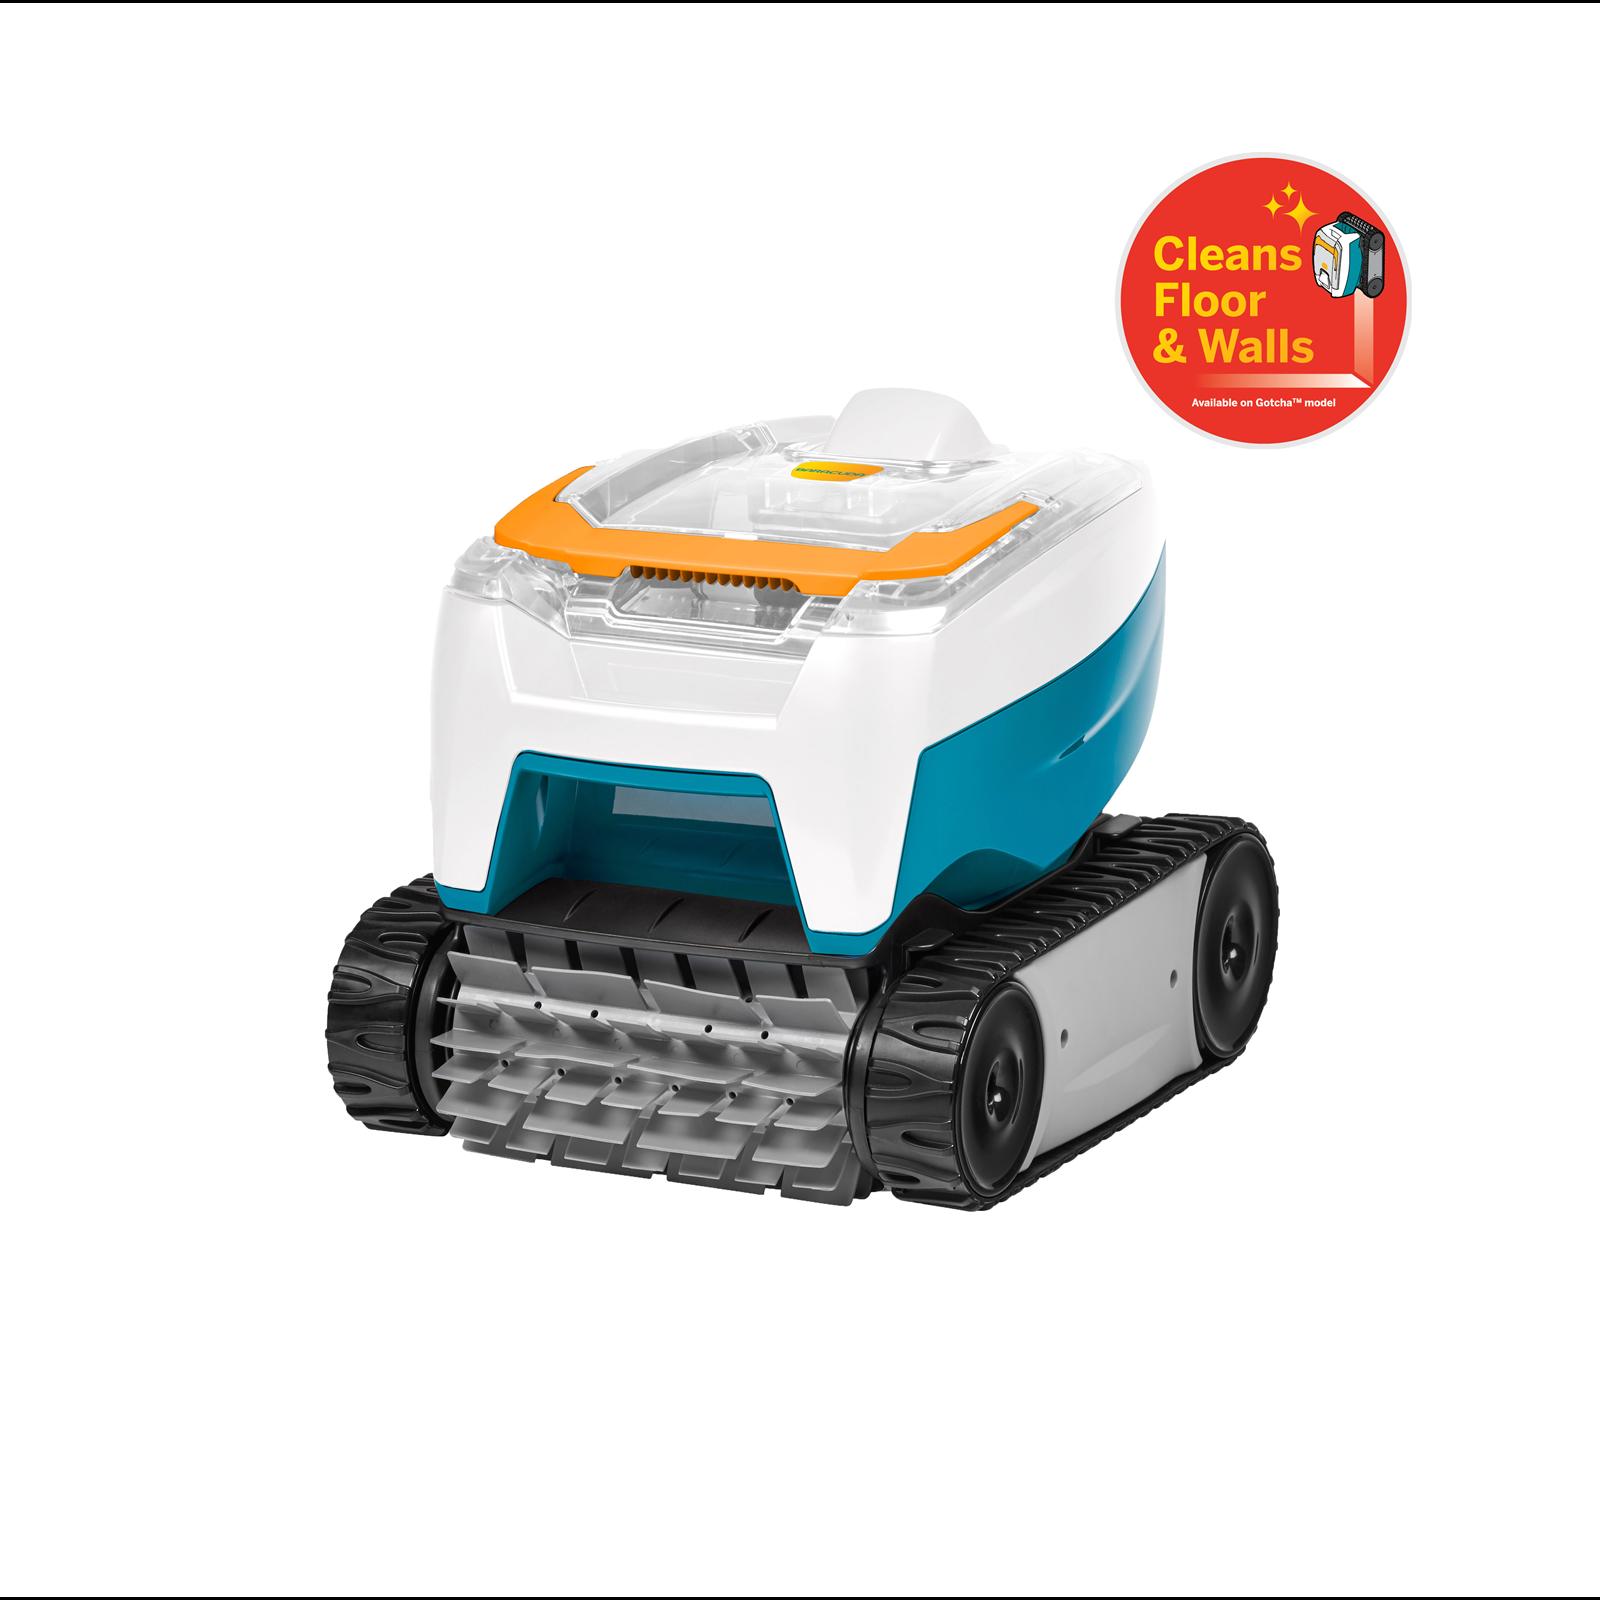 Baracuda Gotcha Robotic Floor & Wall Pool Cleaner